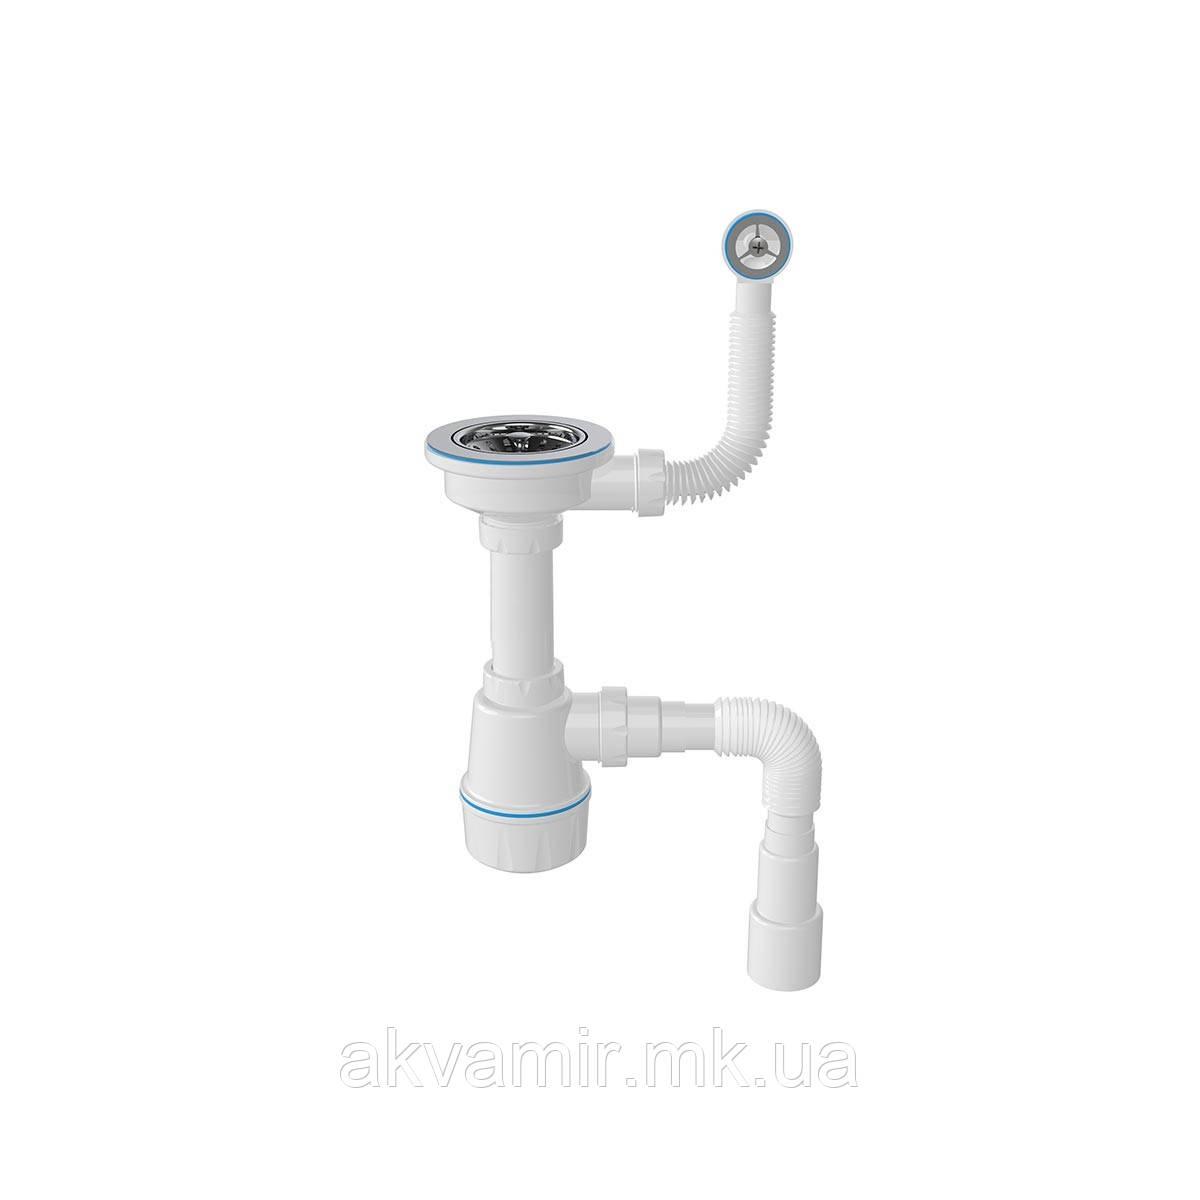 Сифон для мийки з круглим переливом, випуск 3 1/2, гвинт 45мм 1048N